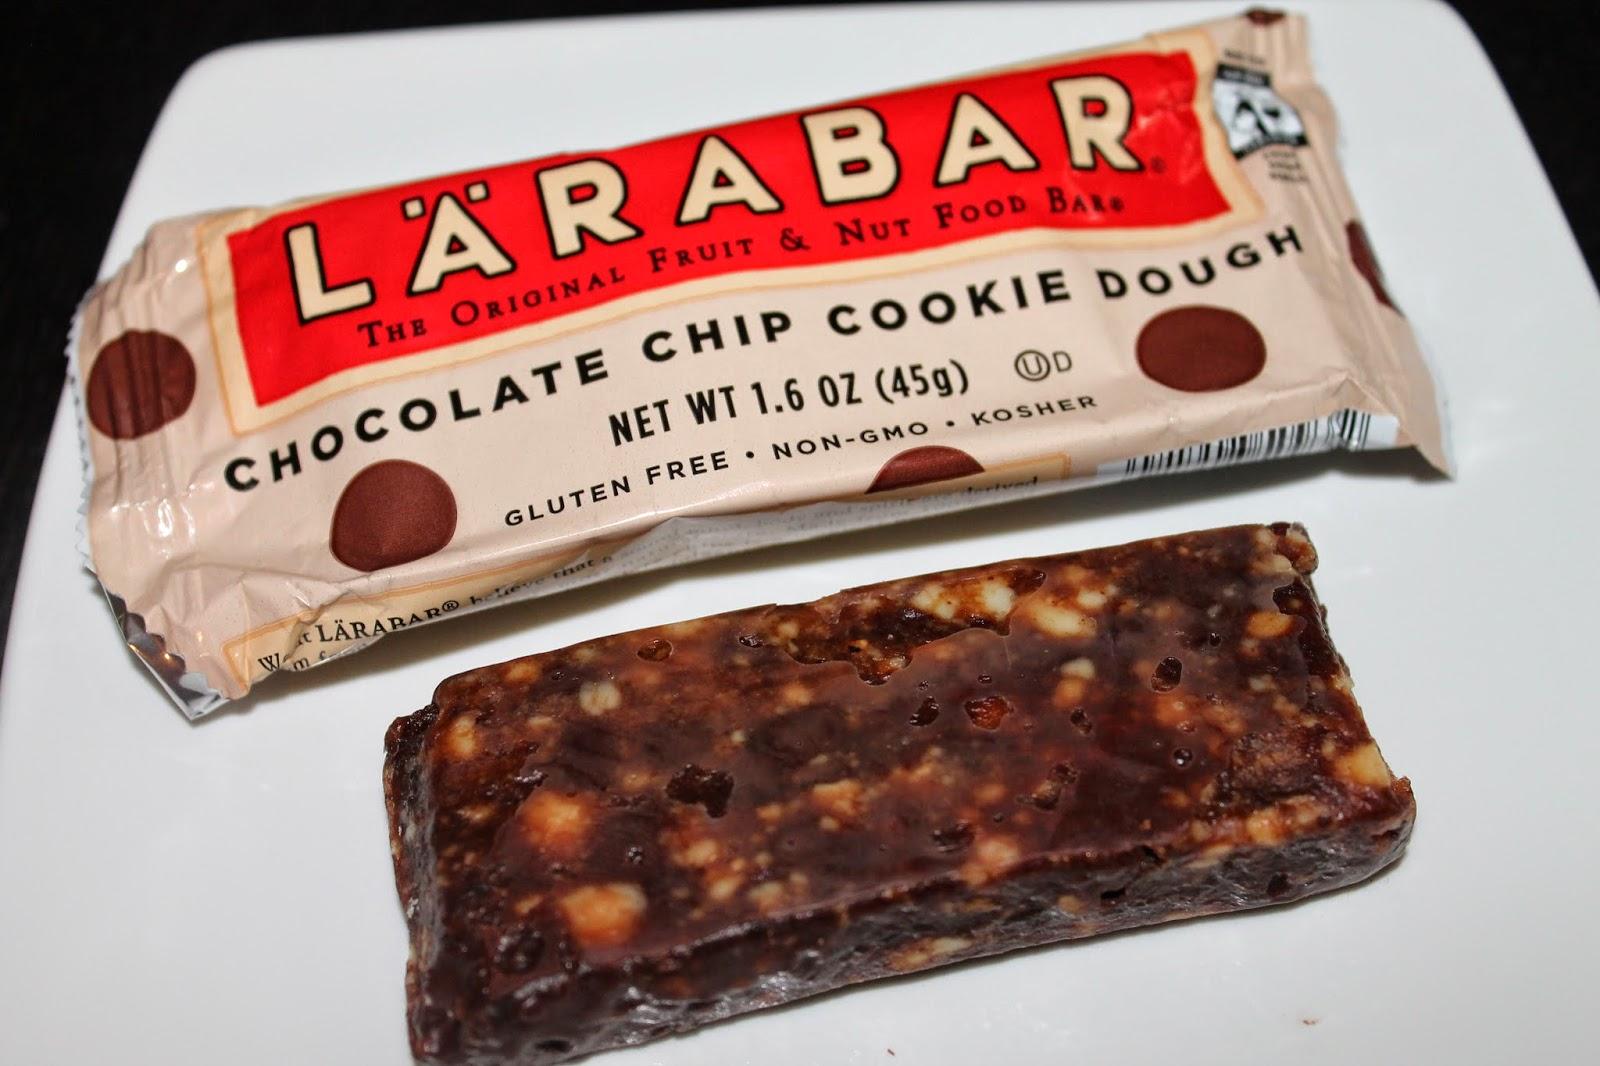 Chocolate Chip Cookie Dough Larabar Calories